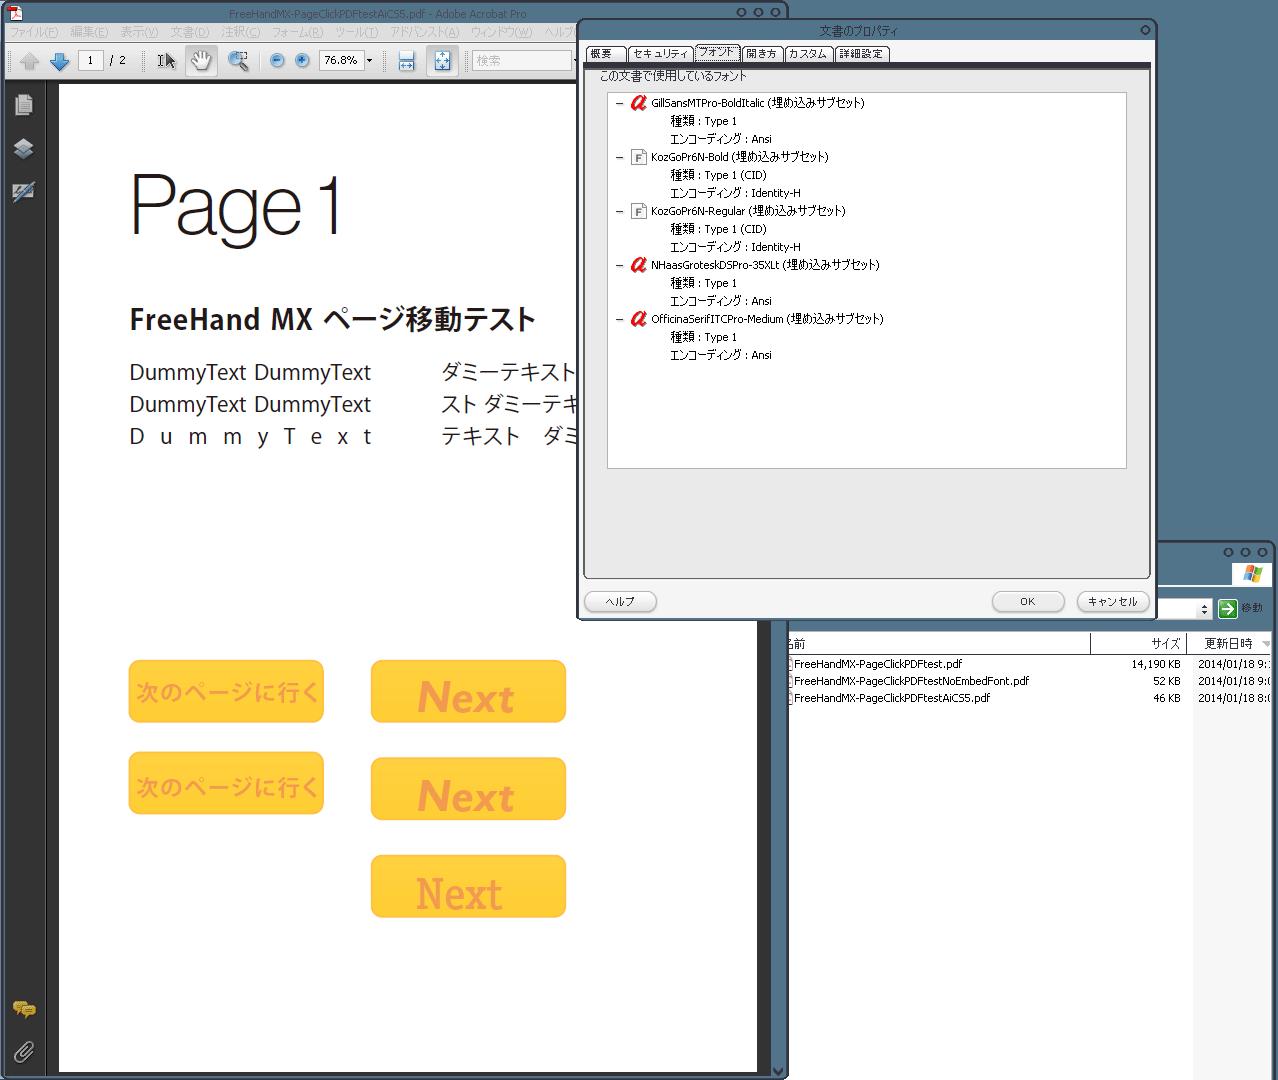 f:id:ashakura:20140118095620p:image